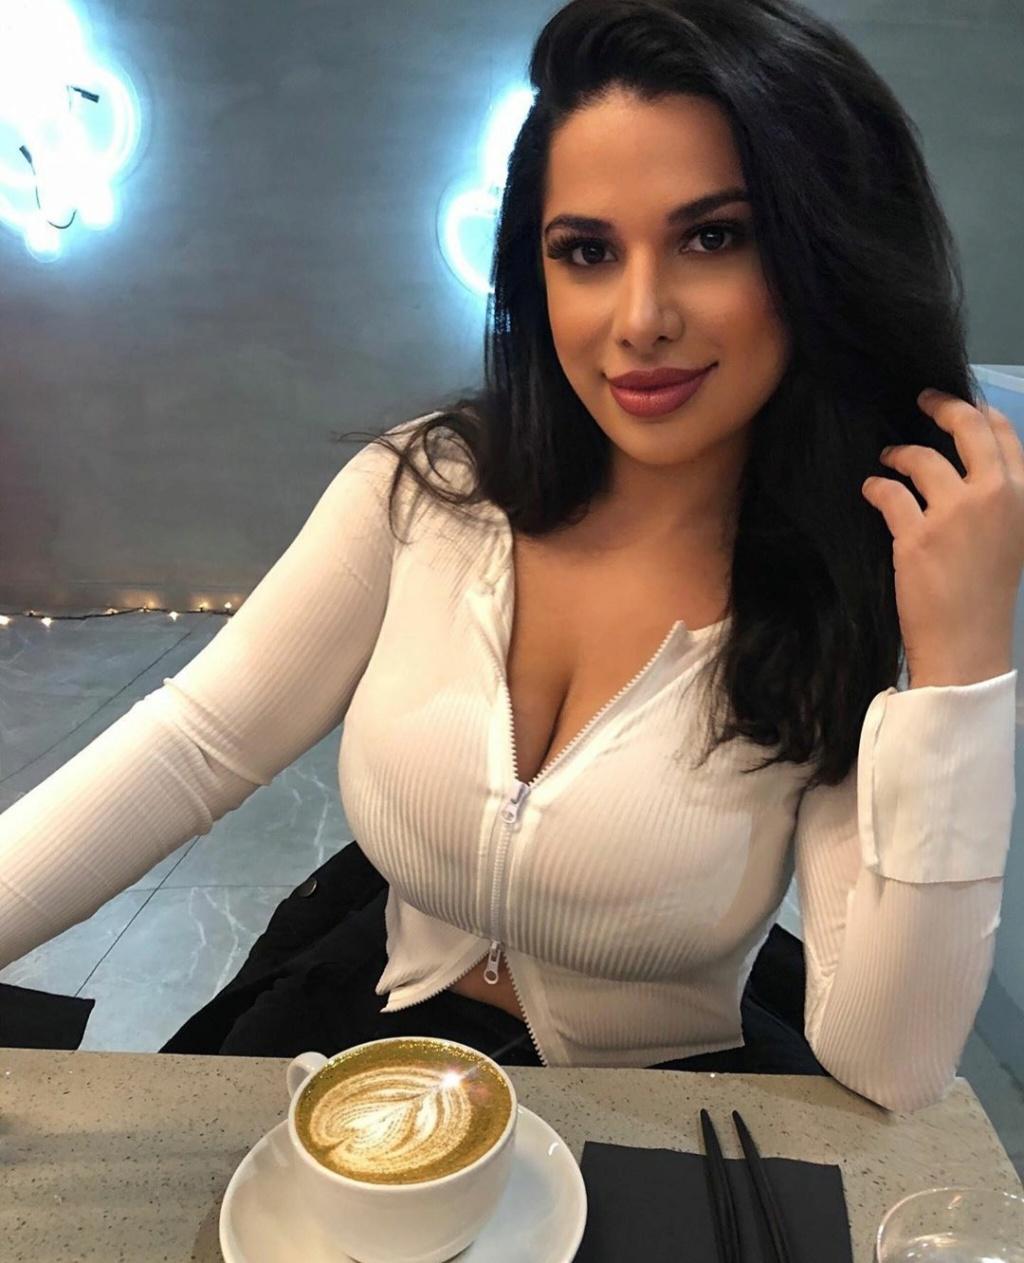 DEBATE sobre belleza, guapura y hermosura (fotos de chicas latinas, mestizas, y de todo) - VOL II Img_1128